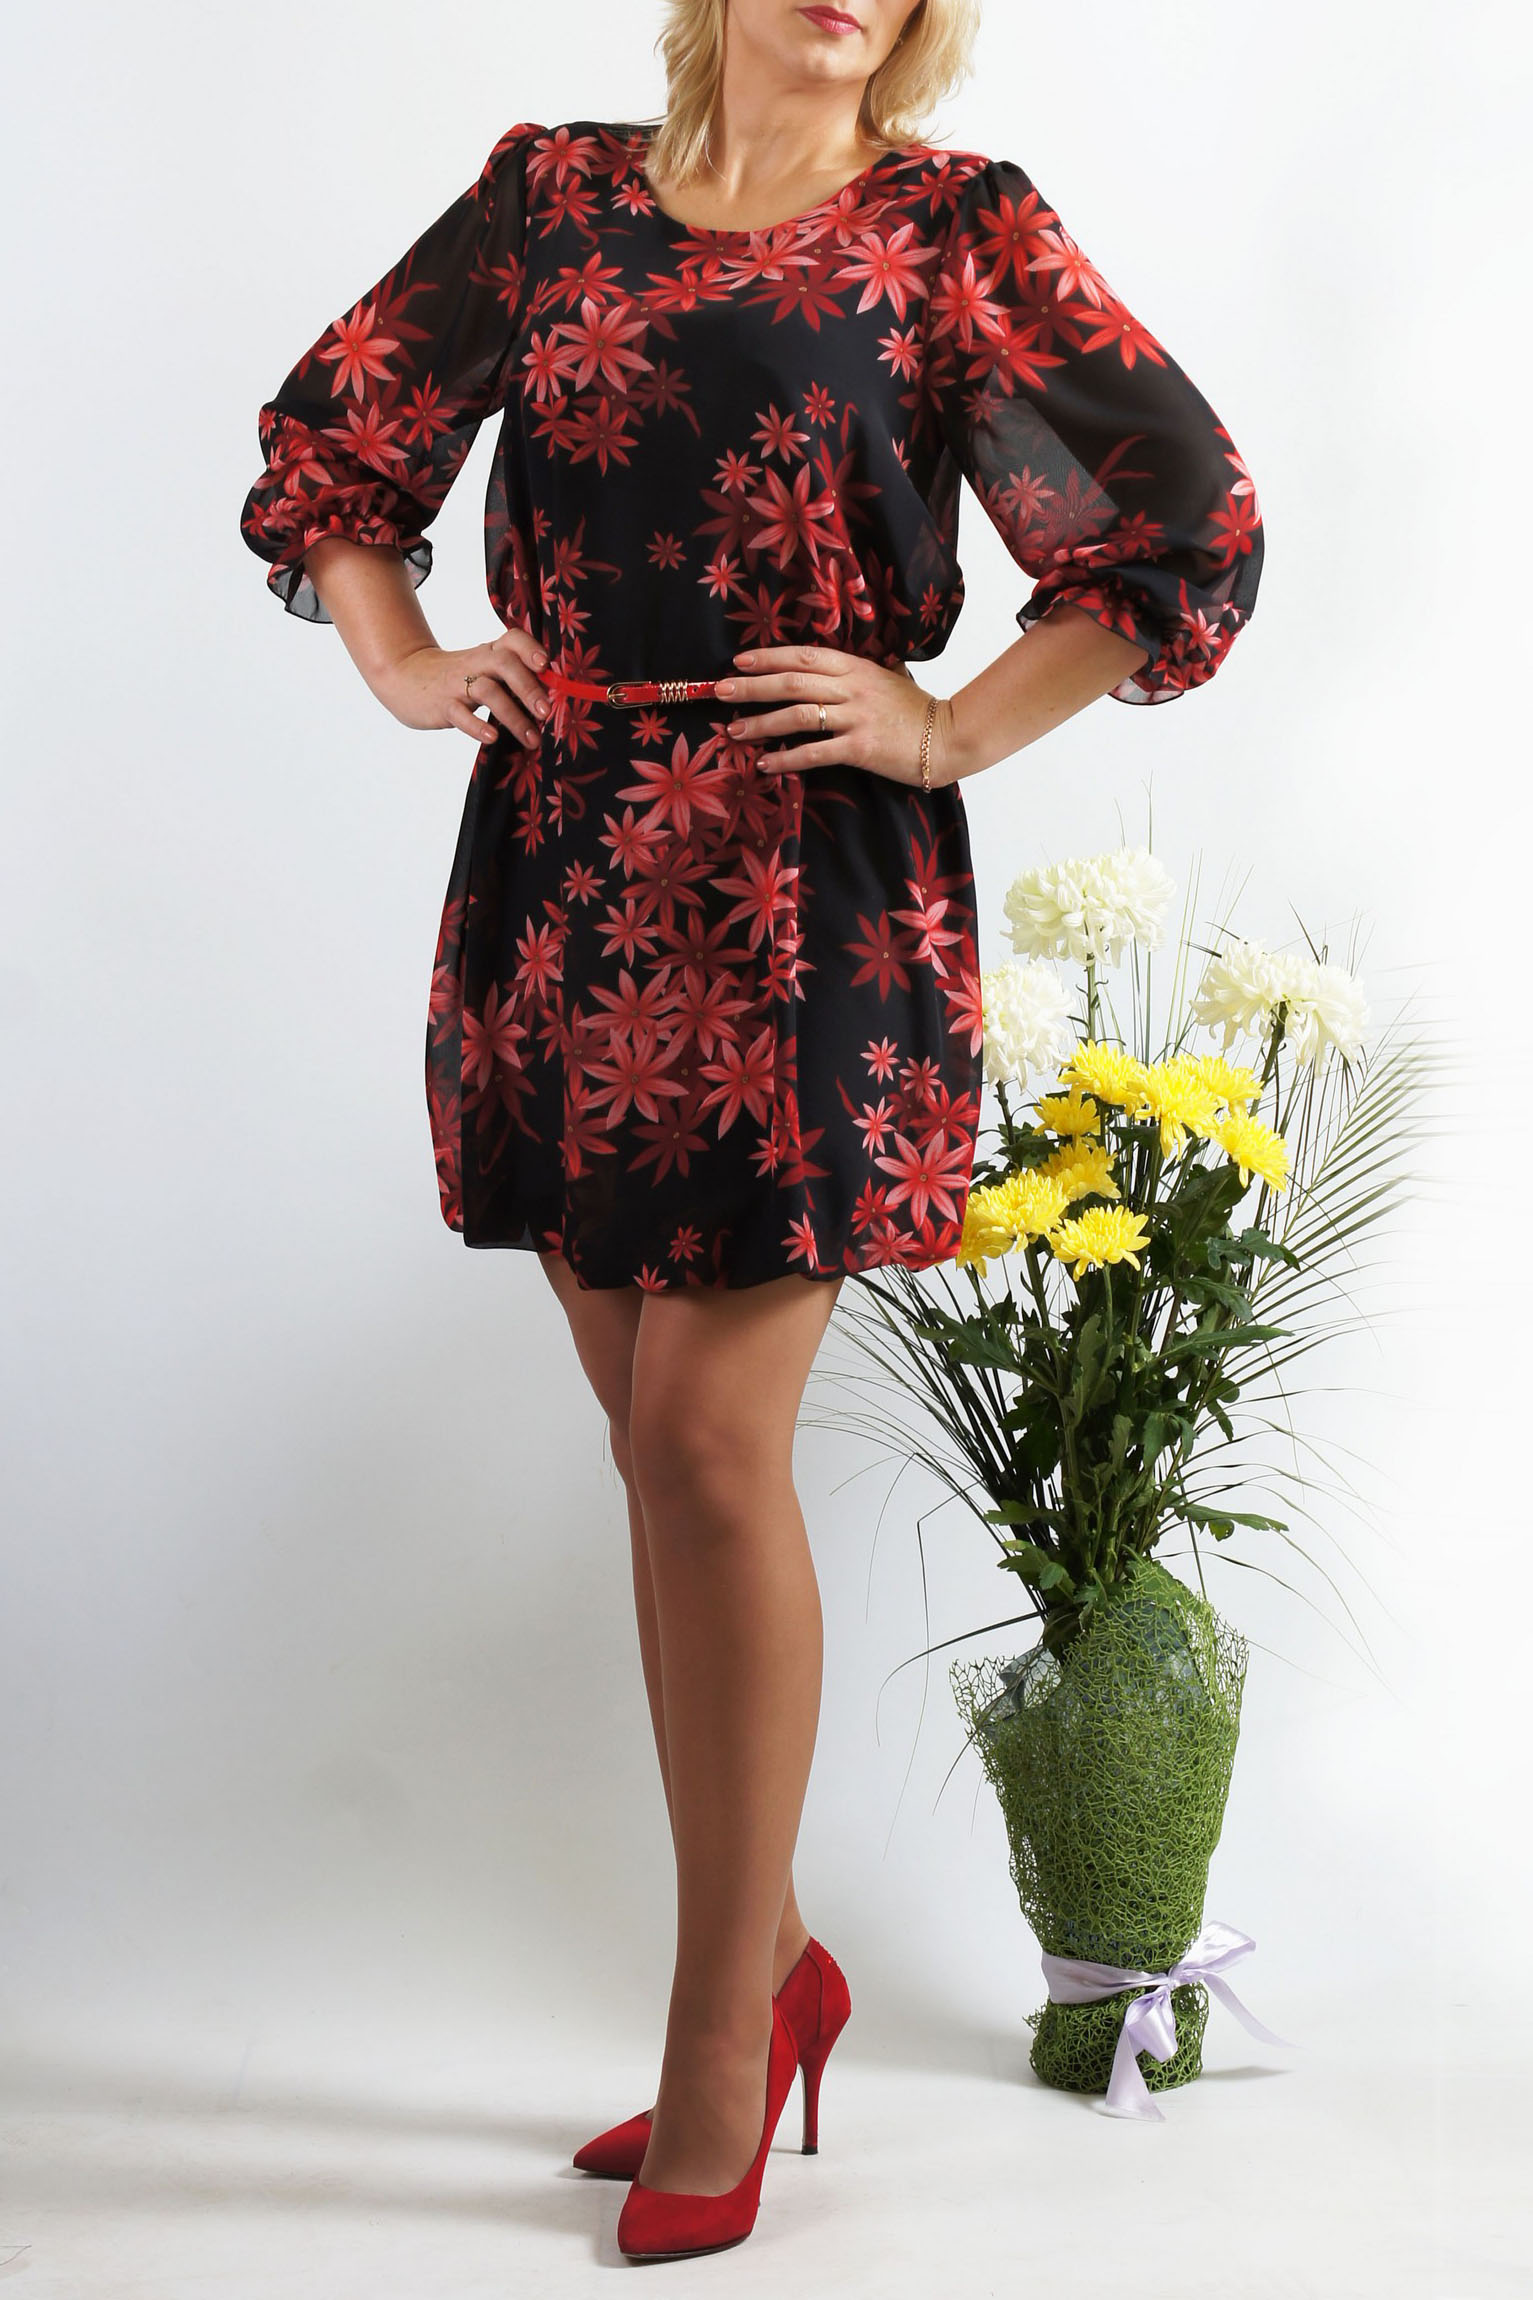 ПлатьеПлатья<br>Это эффектное платье-баллон из легкой шифоновой ткани придется по вкусу многим юным девушкам и молодым женщинам. Его короткая длина открывает к всеобщему обозрению красивые и стройные ножки обладательницы платья, а удачный крой модели поможет скрыть возможные недостатки в верхней части женской фигуры. Достаточно подчеркнуть линию талии оригинальным тонким пояском – и шикарный вечерний наряд готов  Верх платья-баллон из шифона, который закладывается в воздушные складки, а внутренняя часть подобрана в тон верха и выполнена из трикотажа «холодное масло», которое скользит по телу и не сковывает движения . Рукав втачной, длиной 3/4, без подклада, с небольшой сборкой по окату, низ рукава собран на тонкую резинку и формирует кокетливую рюшечку – поэтому длину рукава можно регулировать.  Платье без пояса.  Длина изделия: 46-48 размеры - около 87,0 см; 50-52 размеры – около 97,0 см; 54-56 размеры – около 99,0 см.  В изделии использованы цвета: черный, бордовый  Параметры размеров: 42 размер - обхват груди 84 см., обхват талии 64 см., обхват бедер 92 см. 44 размер - обхват груди 88 см., обхват талии 68 см., обхват бедер 96 см. 46 размер - обхват груди 92 см., обхват талии 72 см., обхват бедер 100 см. 48 размер - обхват груди 96 см., обхват талии 76 см., обхват бедер 104 см. 50 размер - обхват груди 100 см., обхват талии 80 см., обхват бедер 108 см. 52 размер - обхват груди 104 см., обхват талии 85 см., обхват бедер 112 см. 54 размер - обхват груди 108 см., обхват талии 89 см., обхват бедер 116 см. 56 размер - обхват груди 112 см., обхват талии 94 см., обхват бедер 120 см. 58 размер - обхват груди 116 см., обхват талии 100 см., обхват бедер 124 см.  Ростовка изделия 167-173 см.<br><br>Горловина: С- горловина<br>По длине: До колена<br>По материалу: Шифон<br>По рисунку: Растительные мотивы,С принтом,Цветные,Цветочные<br>По сезону: Весна,Зима,Лето,Осень,Всесезон<br>По силуэту: Свободные<br>По стилю: Нарядный стиль<br>Рукав: Рукав три четверти<br>Размер : 46<br>Мат